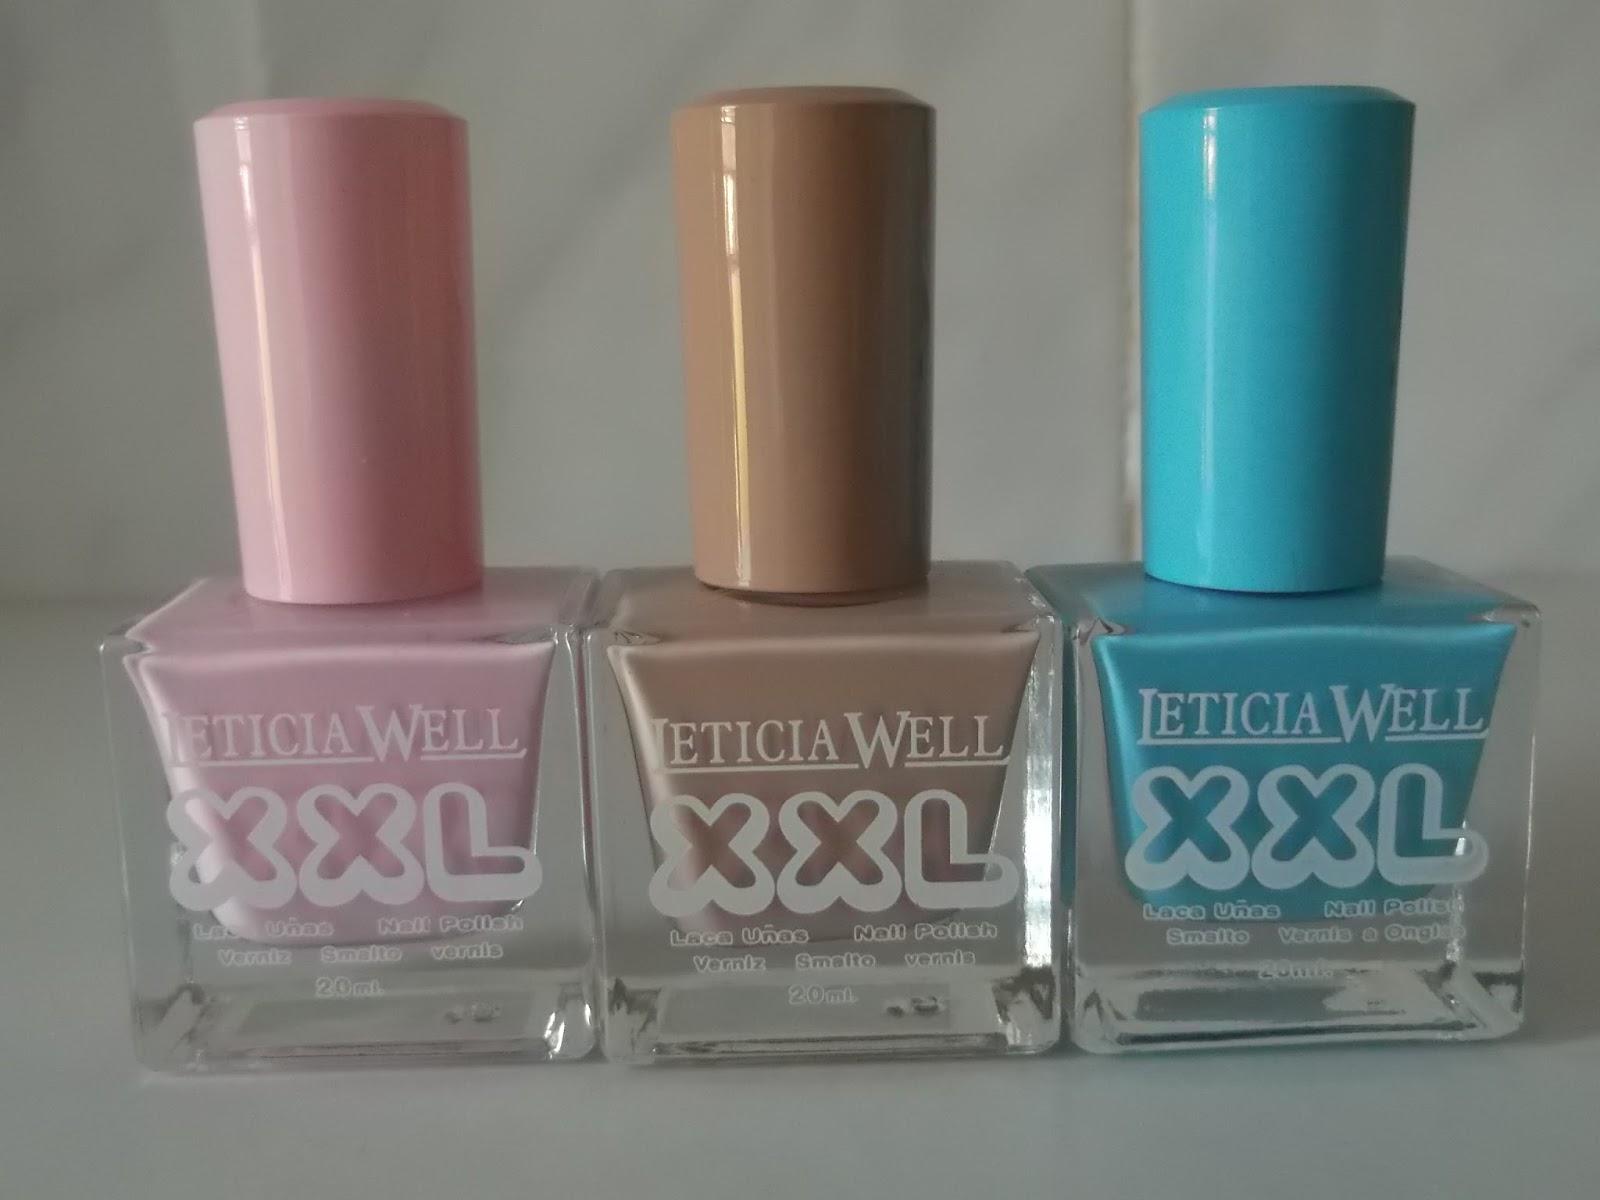 Belswan: Esmaltes de uñas y delineadores de Leticia Well